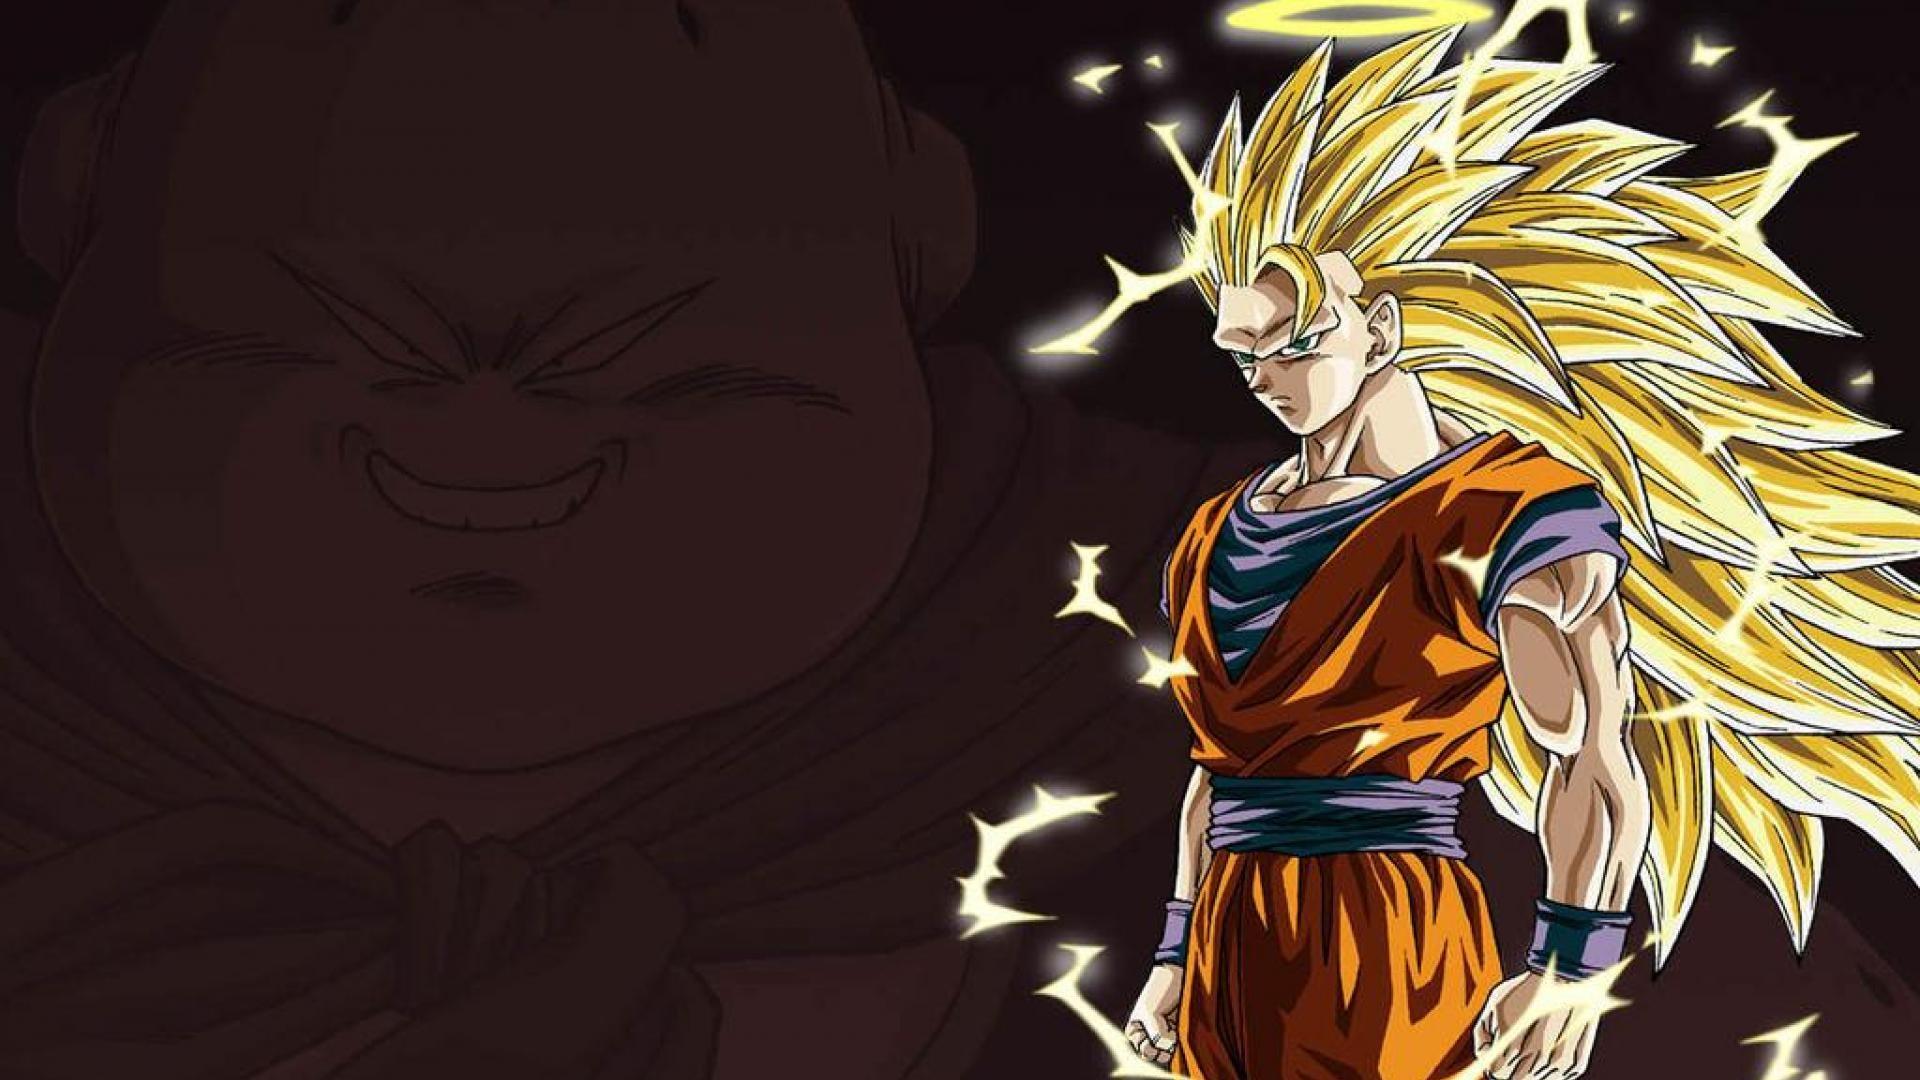 Dragon Ball Z – Goku   Dragon Ball Z / GT   Pinterest   Goku .